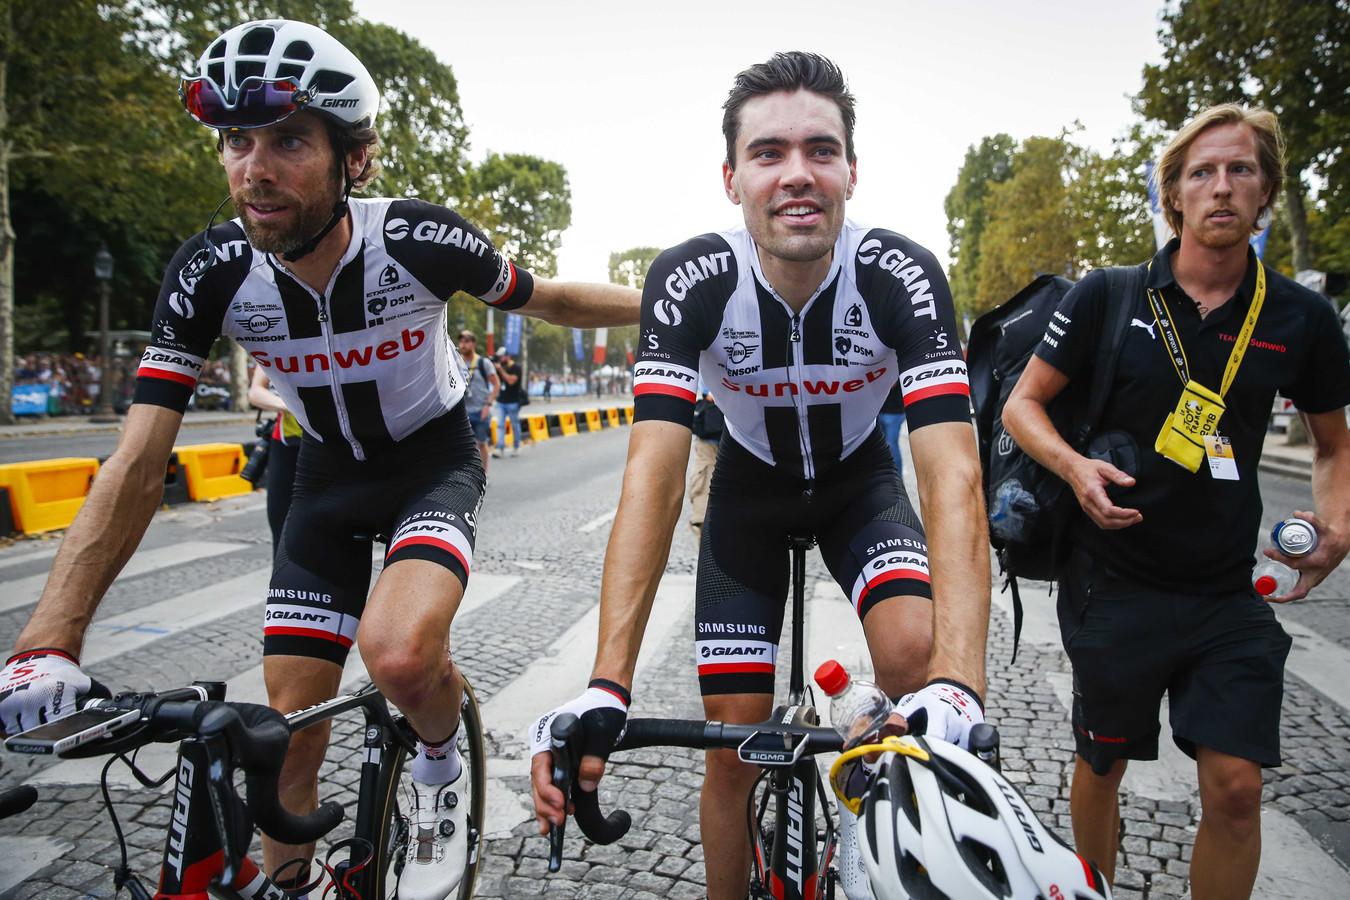 Tom Dumoulin en Laurens ten Dam (L) op de Champs-Elysees na de laatste etappe van de Tour de France.